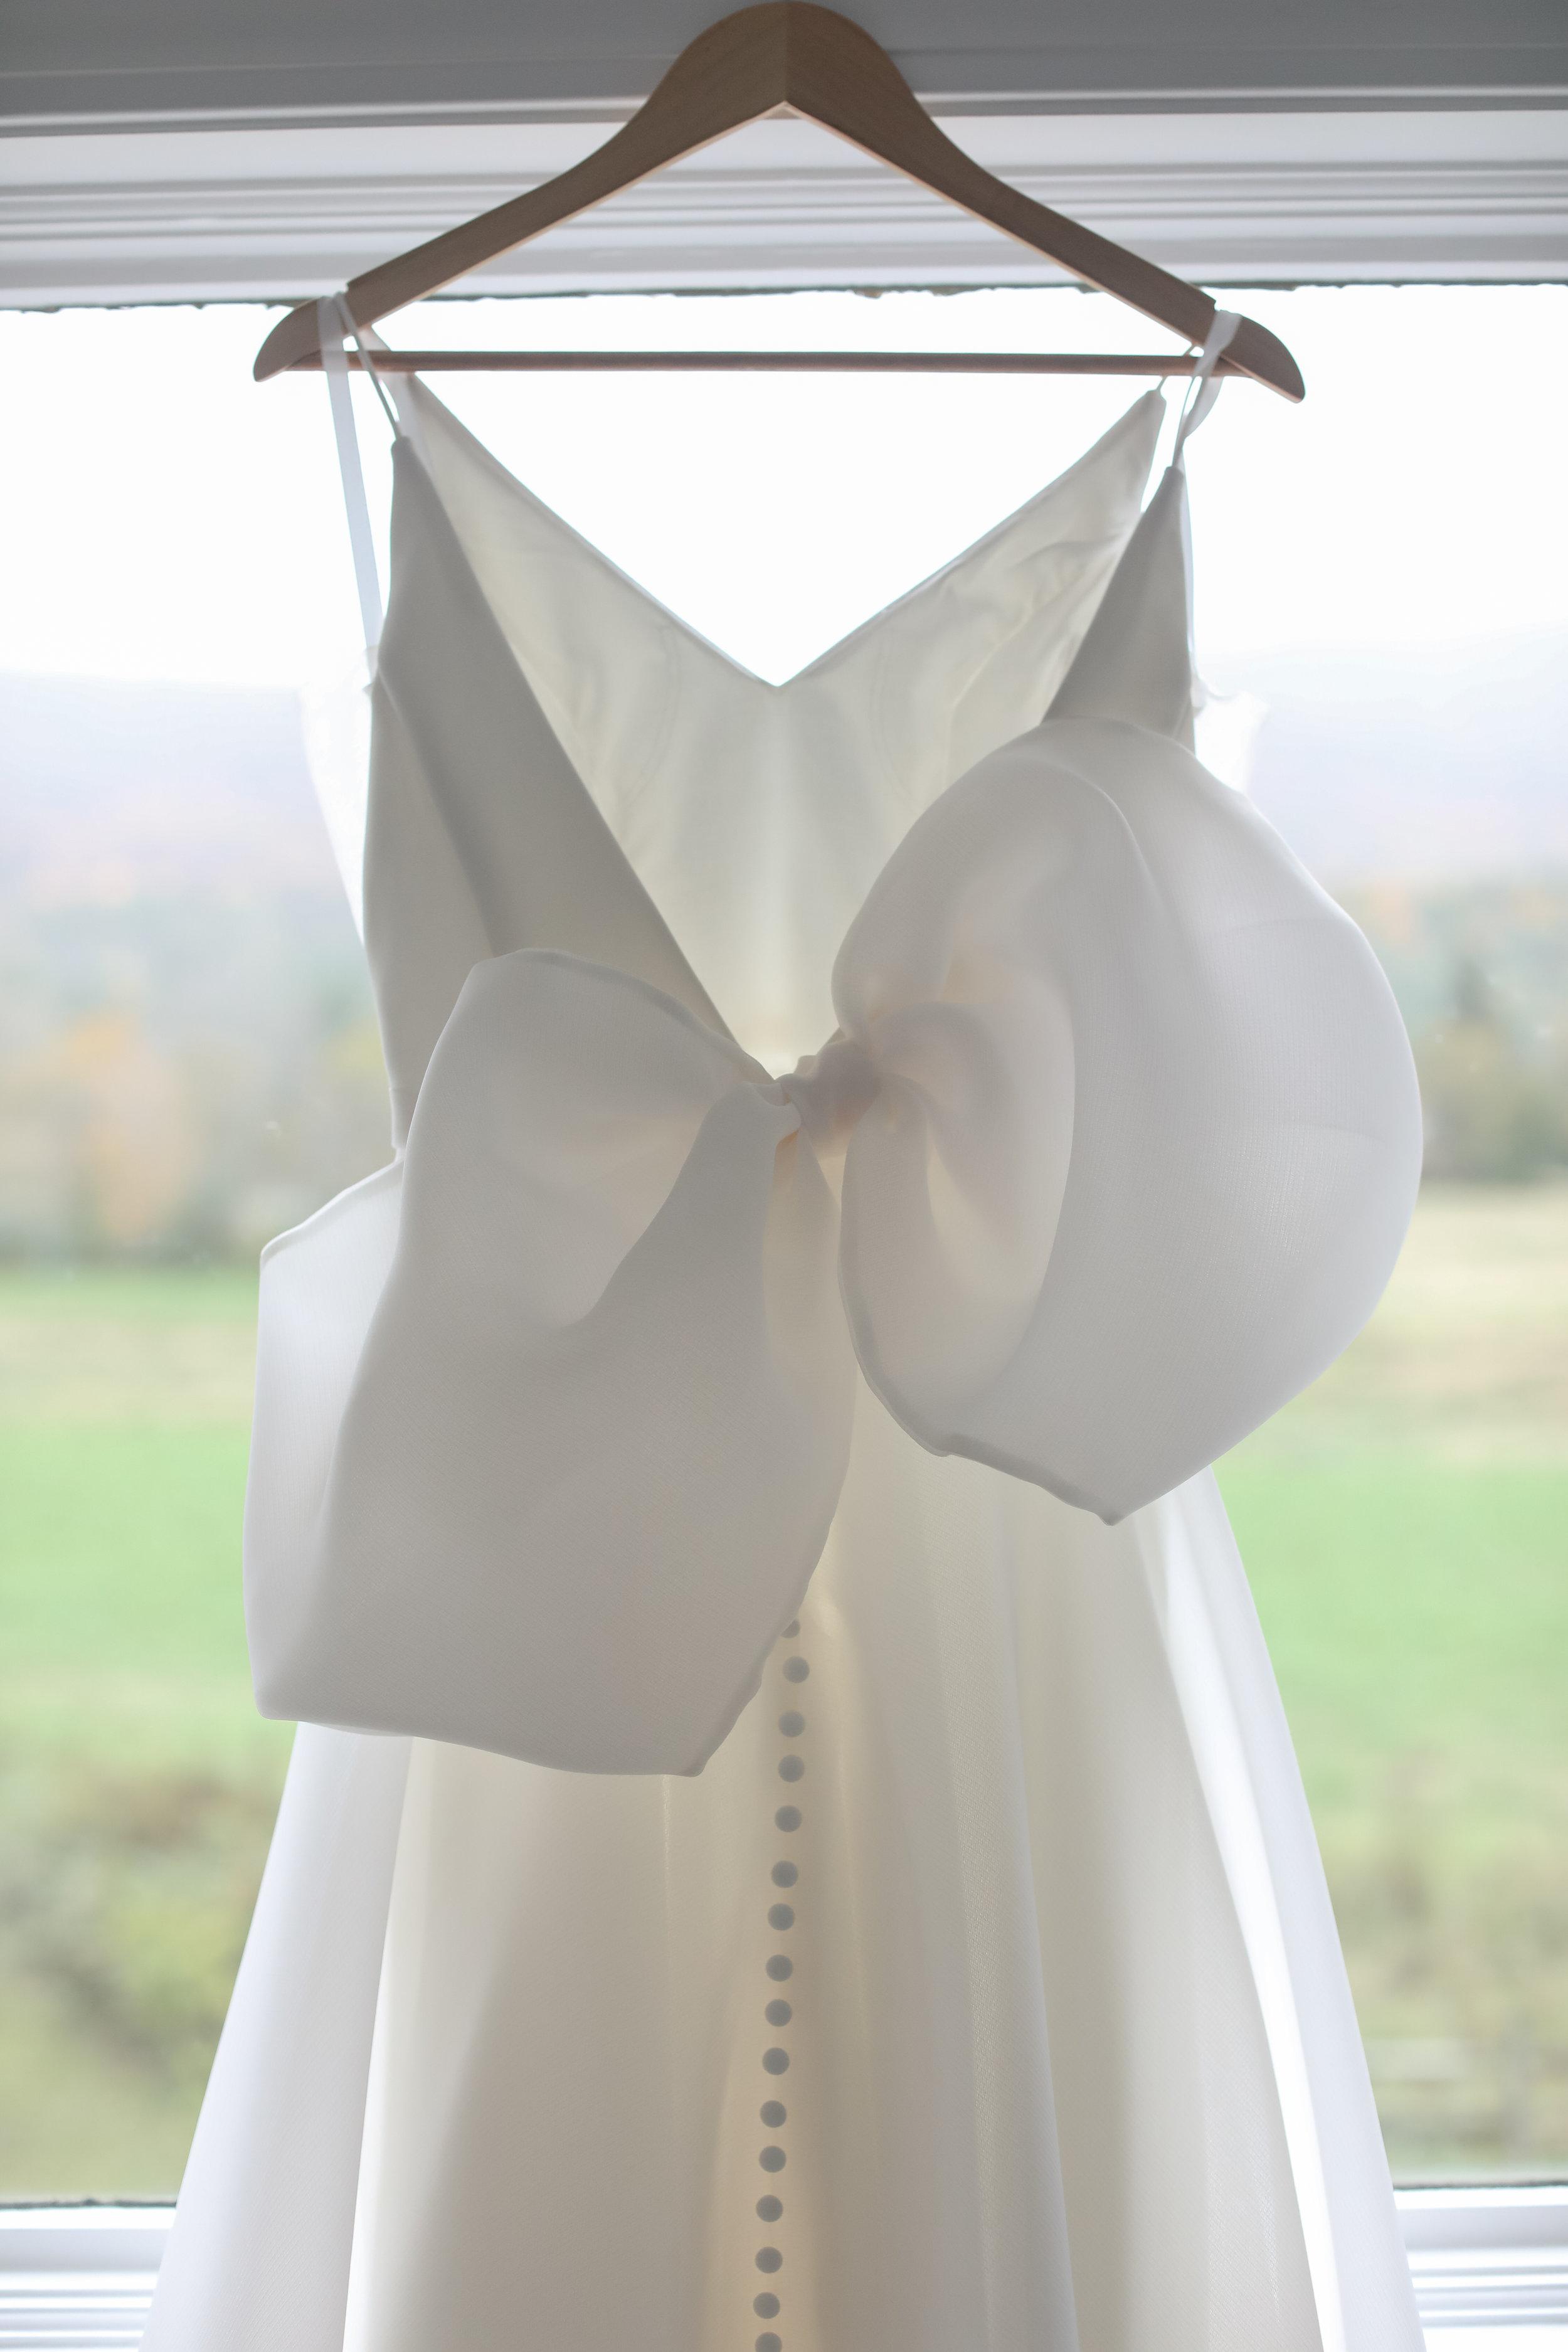 Bridal Gown Wedding Gown Organza Formal Gown Wedding Dress Bow.jpg